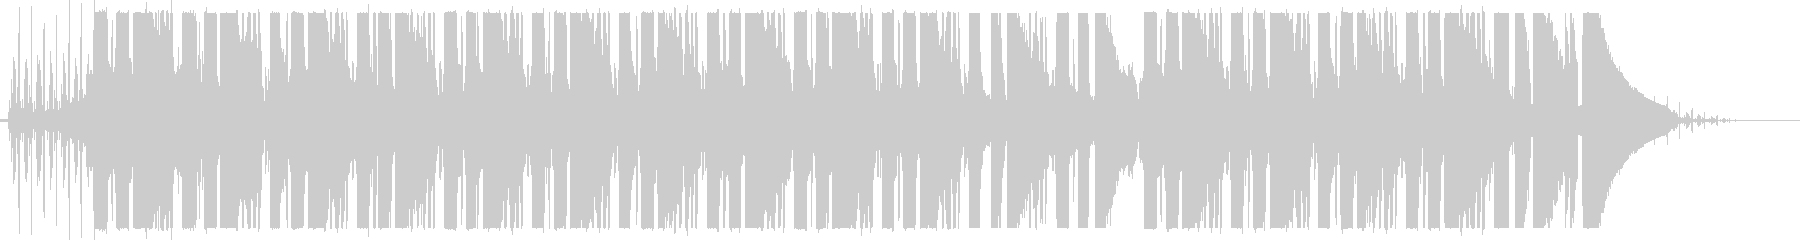 チルギター LoFi  ノイズ入りの未再生の波形